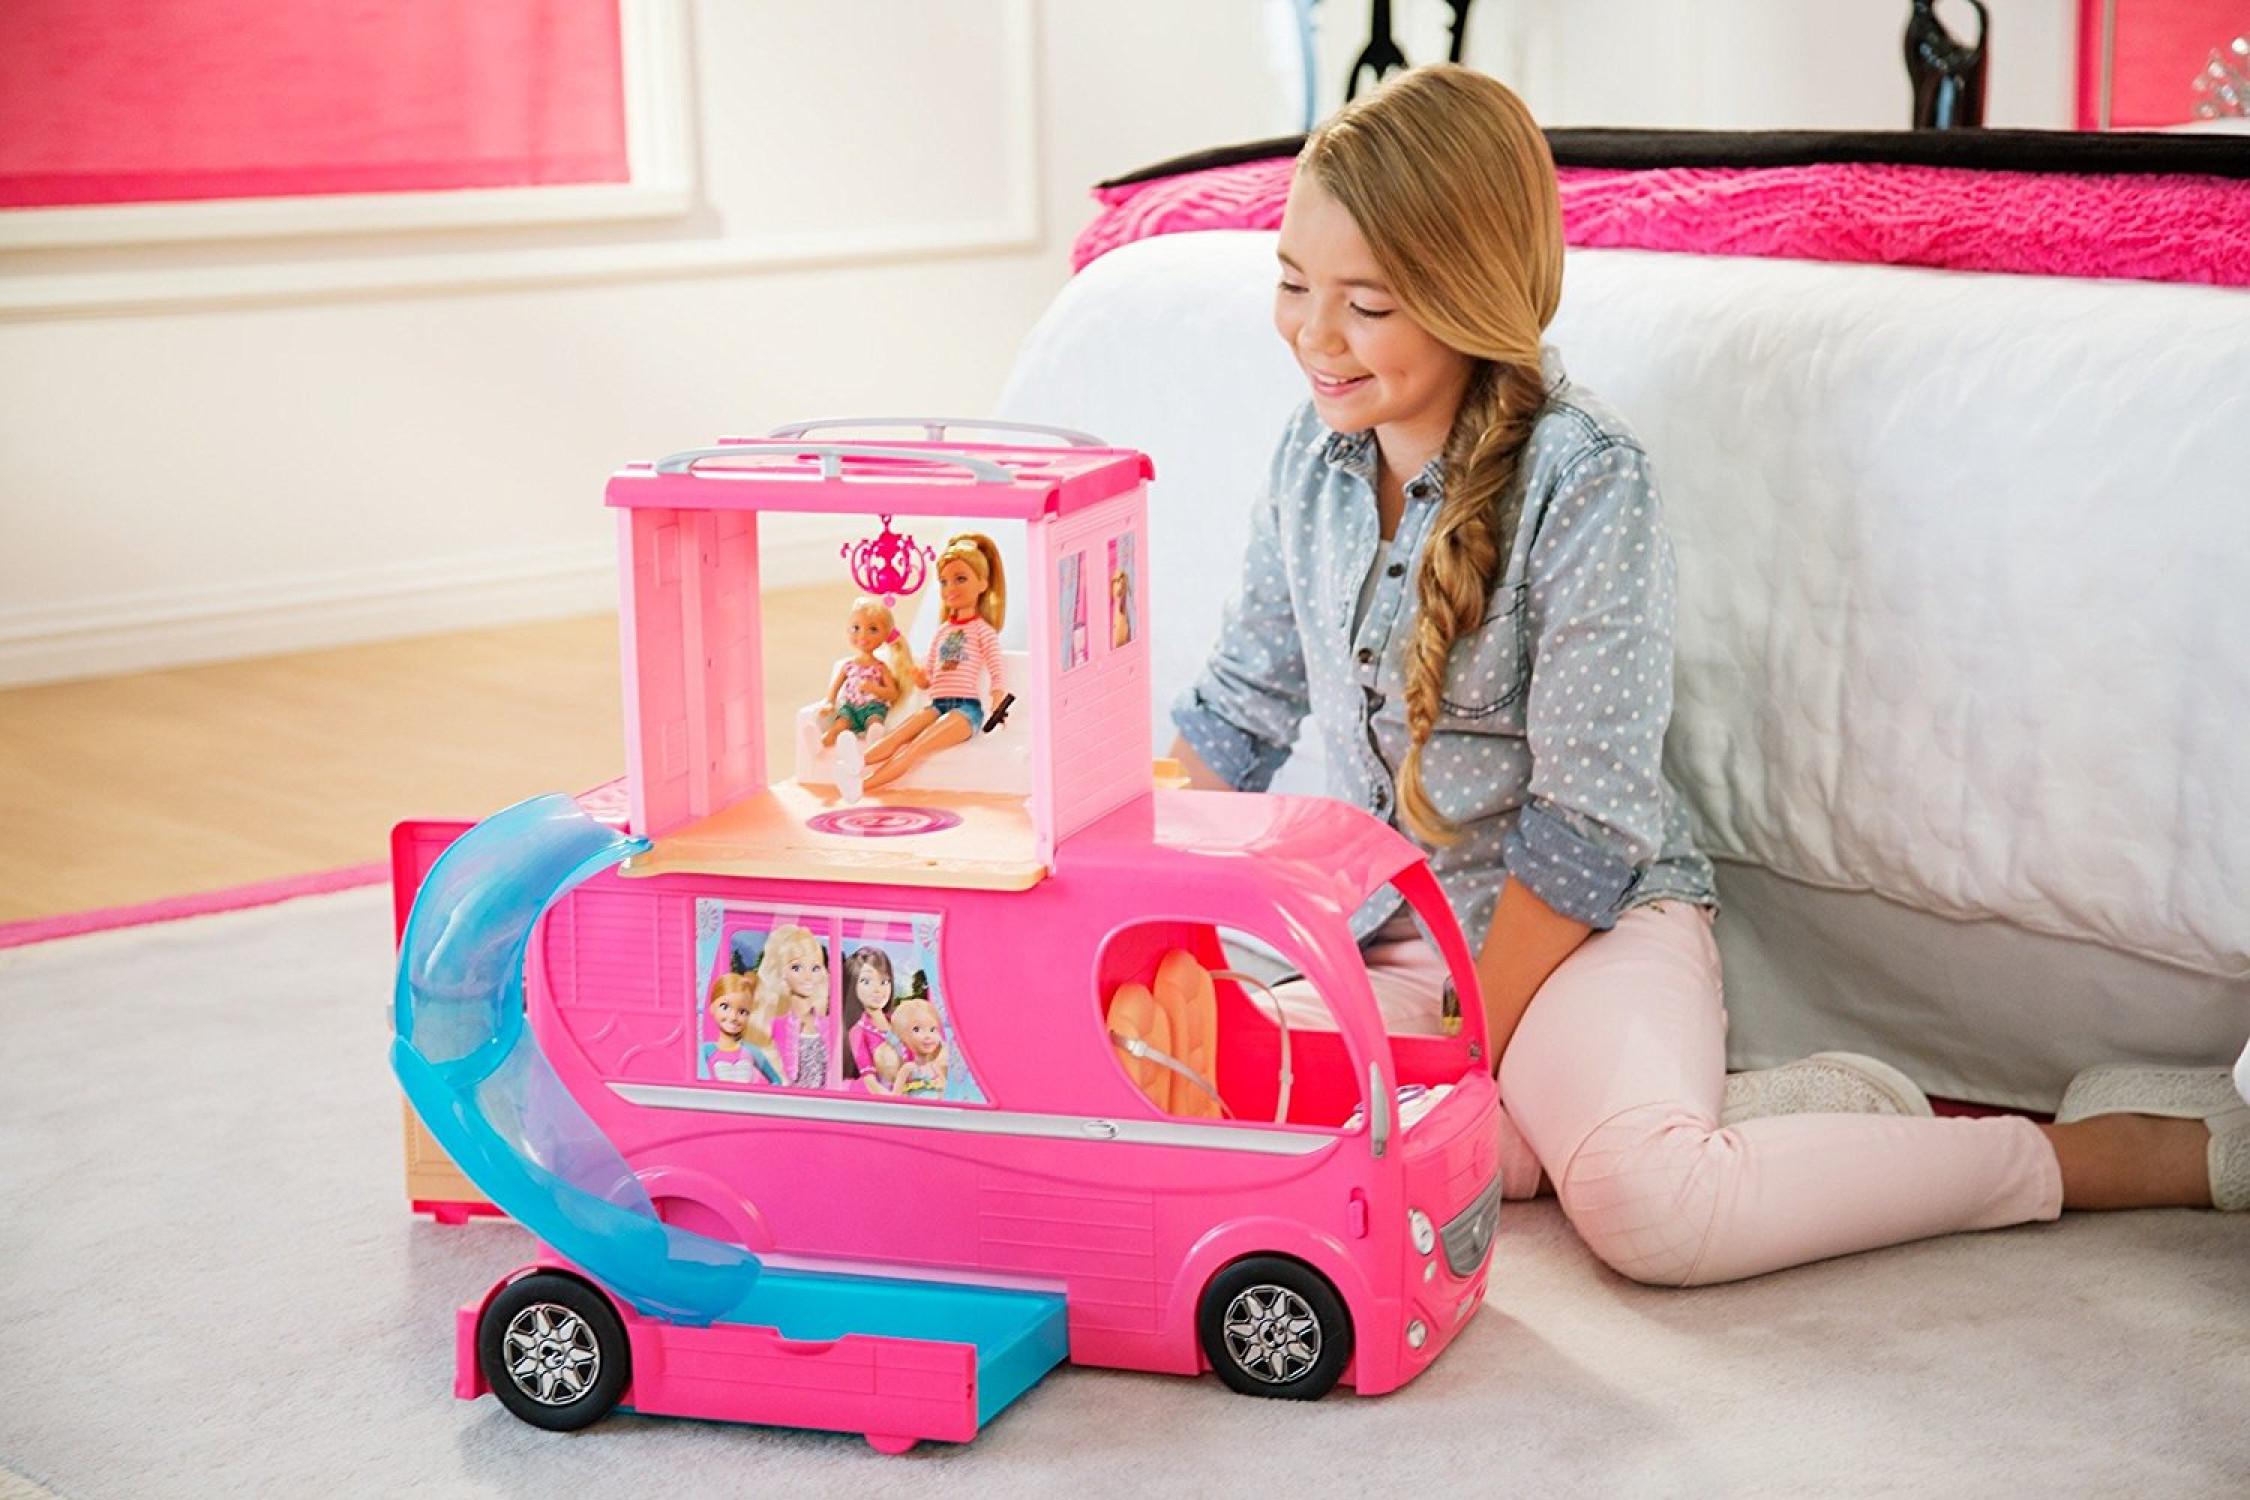 Bus Toys For Girls : Barbie pop up camper van bus car toys dolls girl